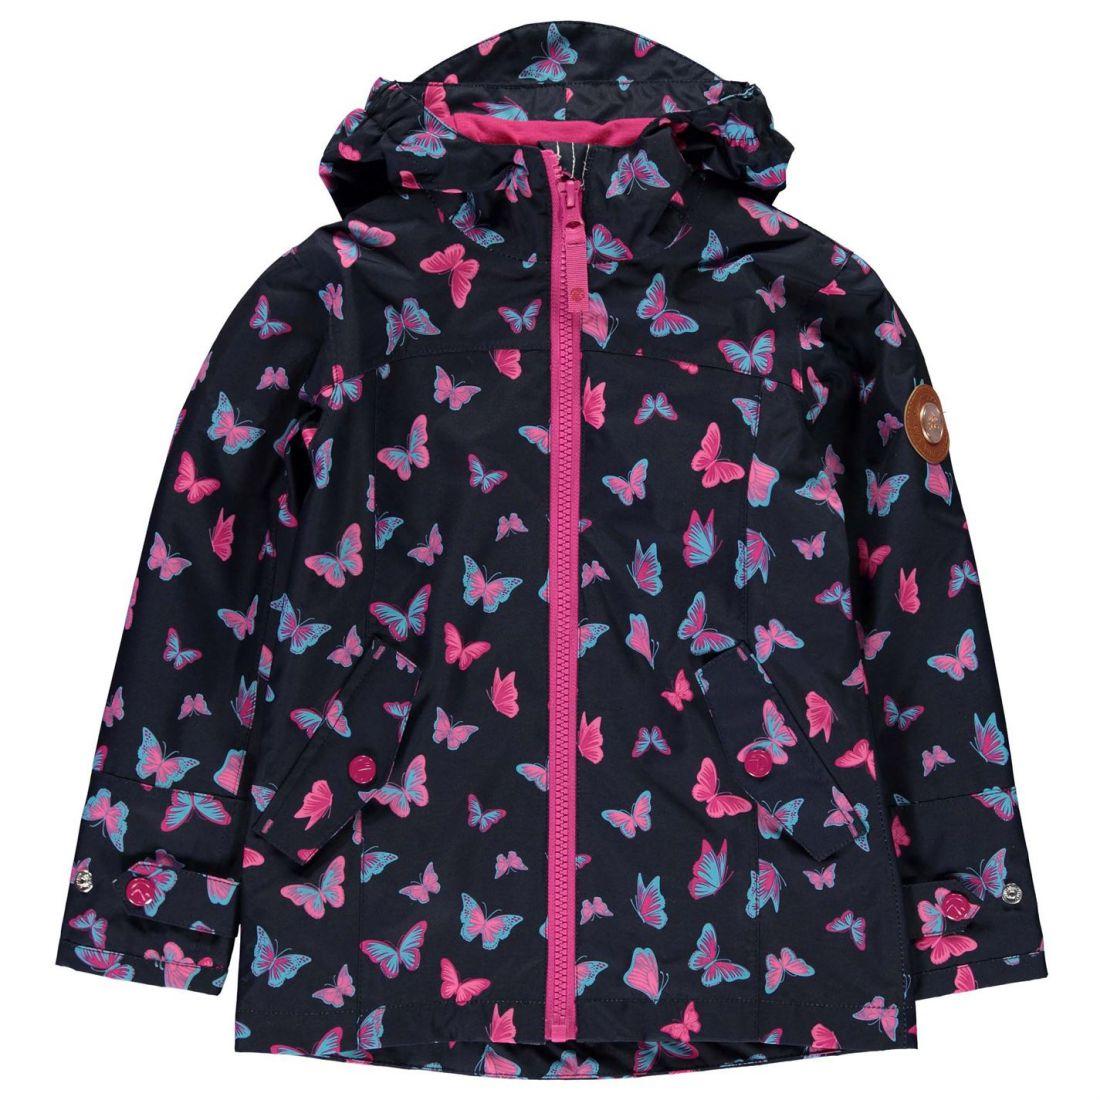 1a323882e63f Gelert Coast Water Repellent Jacket Infants Childrens Coat Top